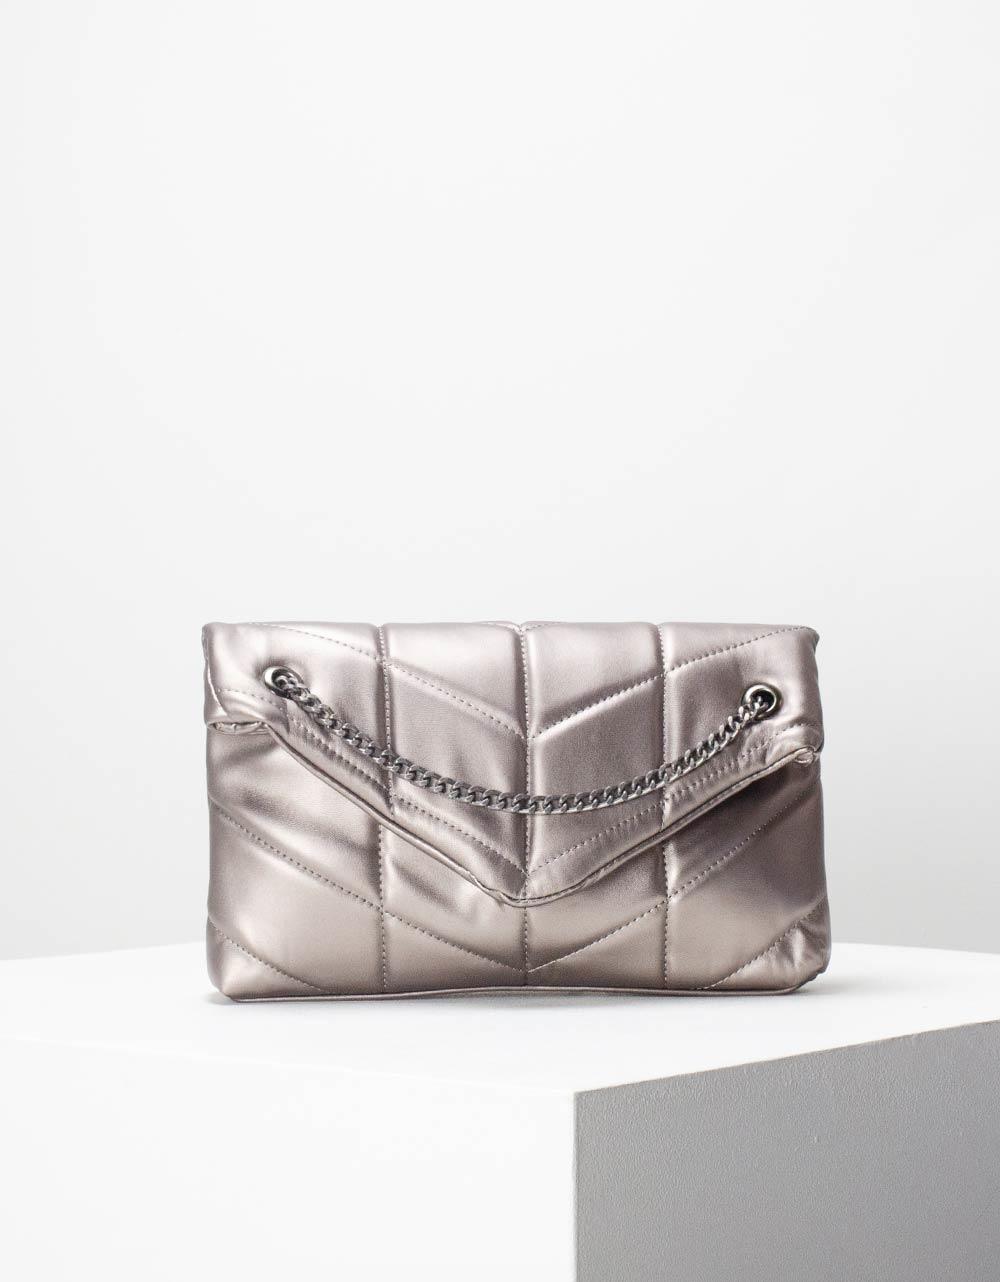 Εικόνα από Γυναικεία τσάντα ώμου & χιαστί καπιτονέ με αλυσίδα Γκρι